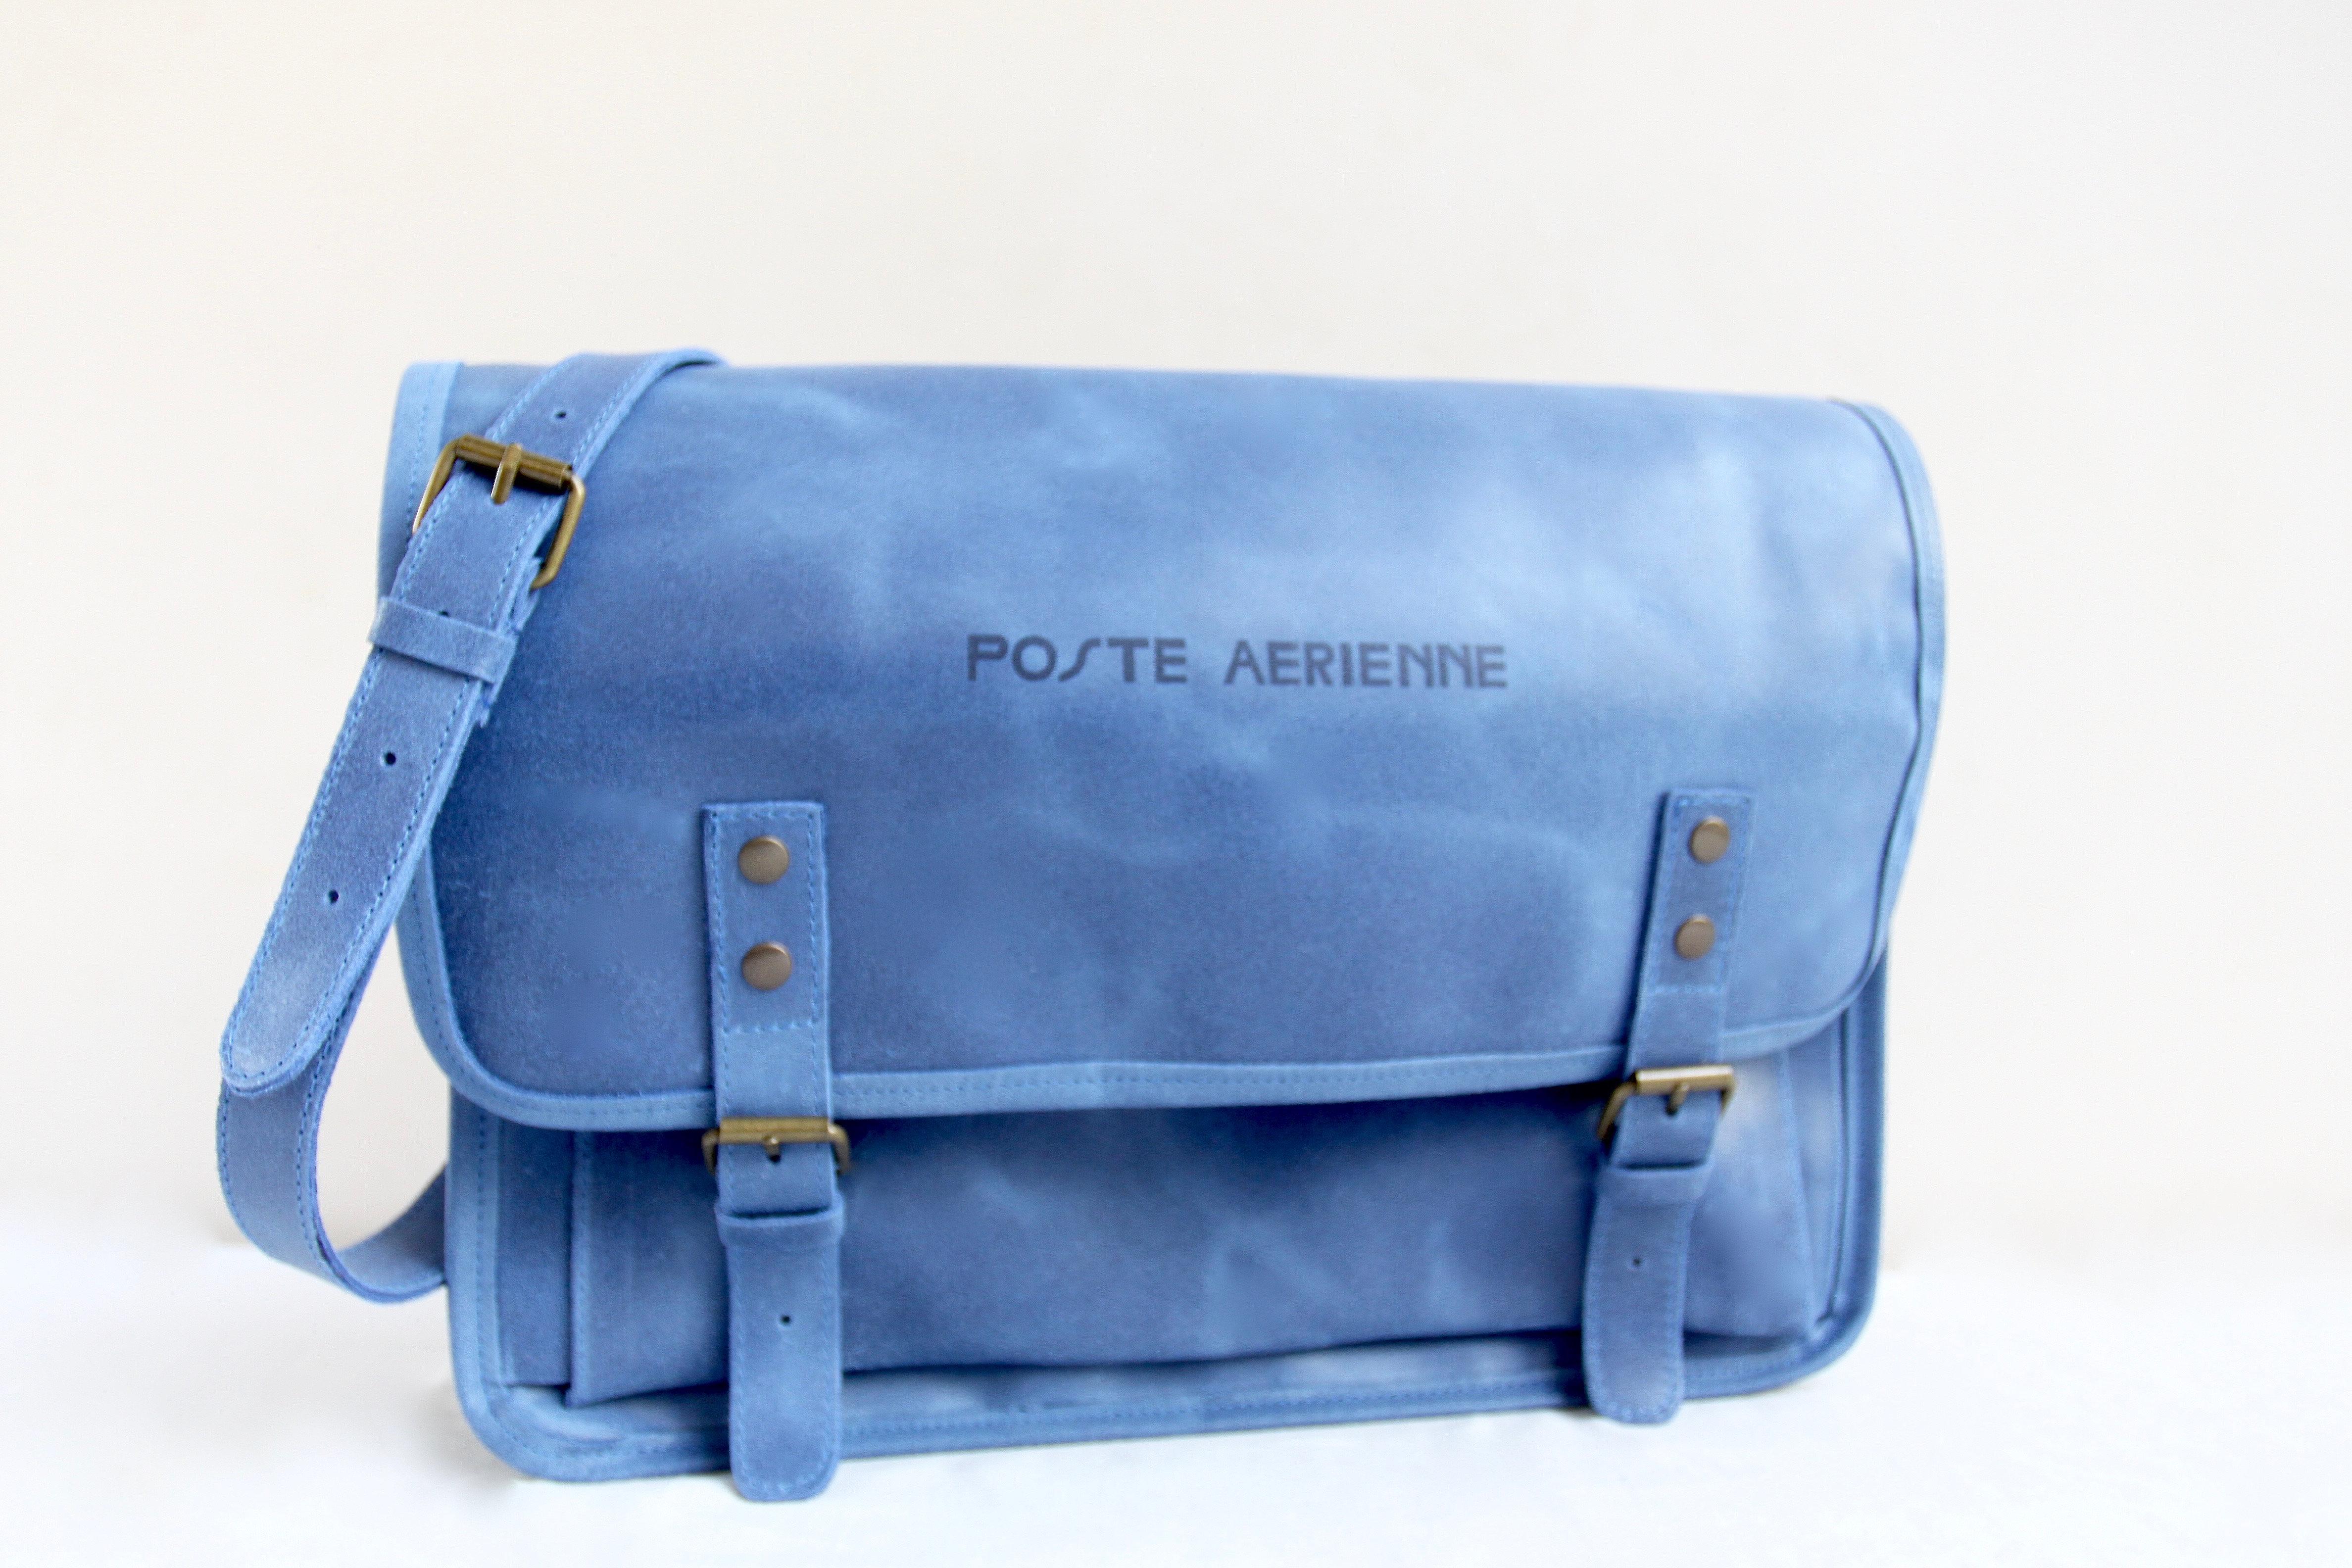 Aérienne Aérienne Cuir Sacoche Aérienne Poste Poste Poste Sacoche Sacoche Bleu Cuir Bleu q34Ljc5AR